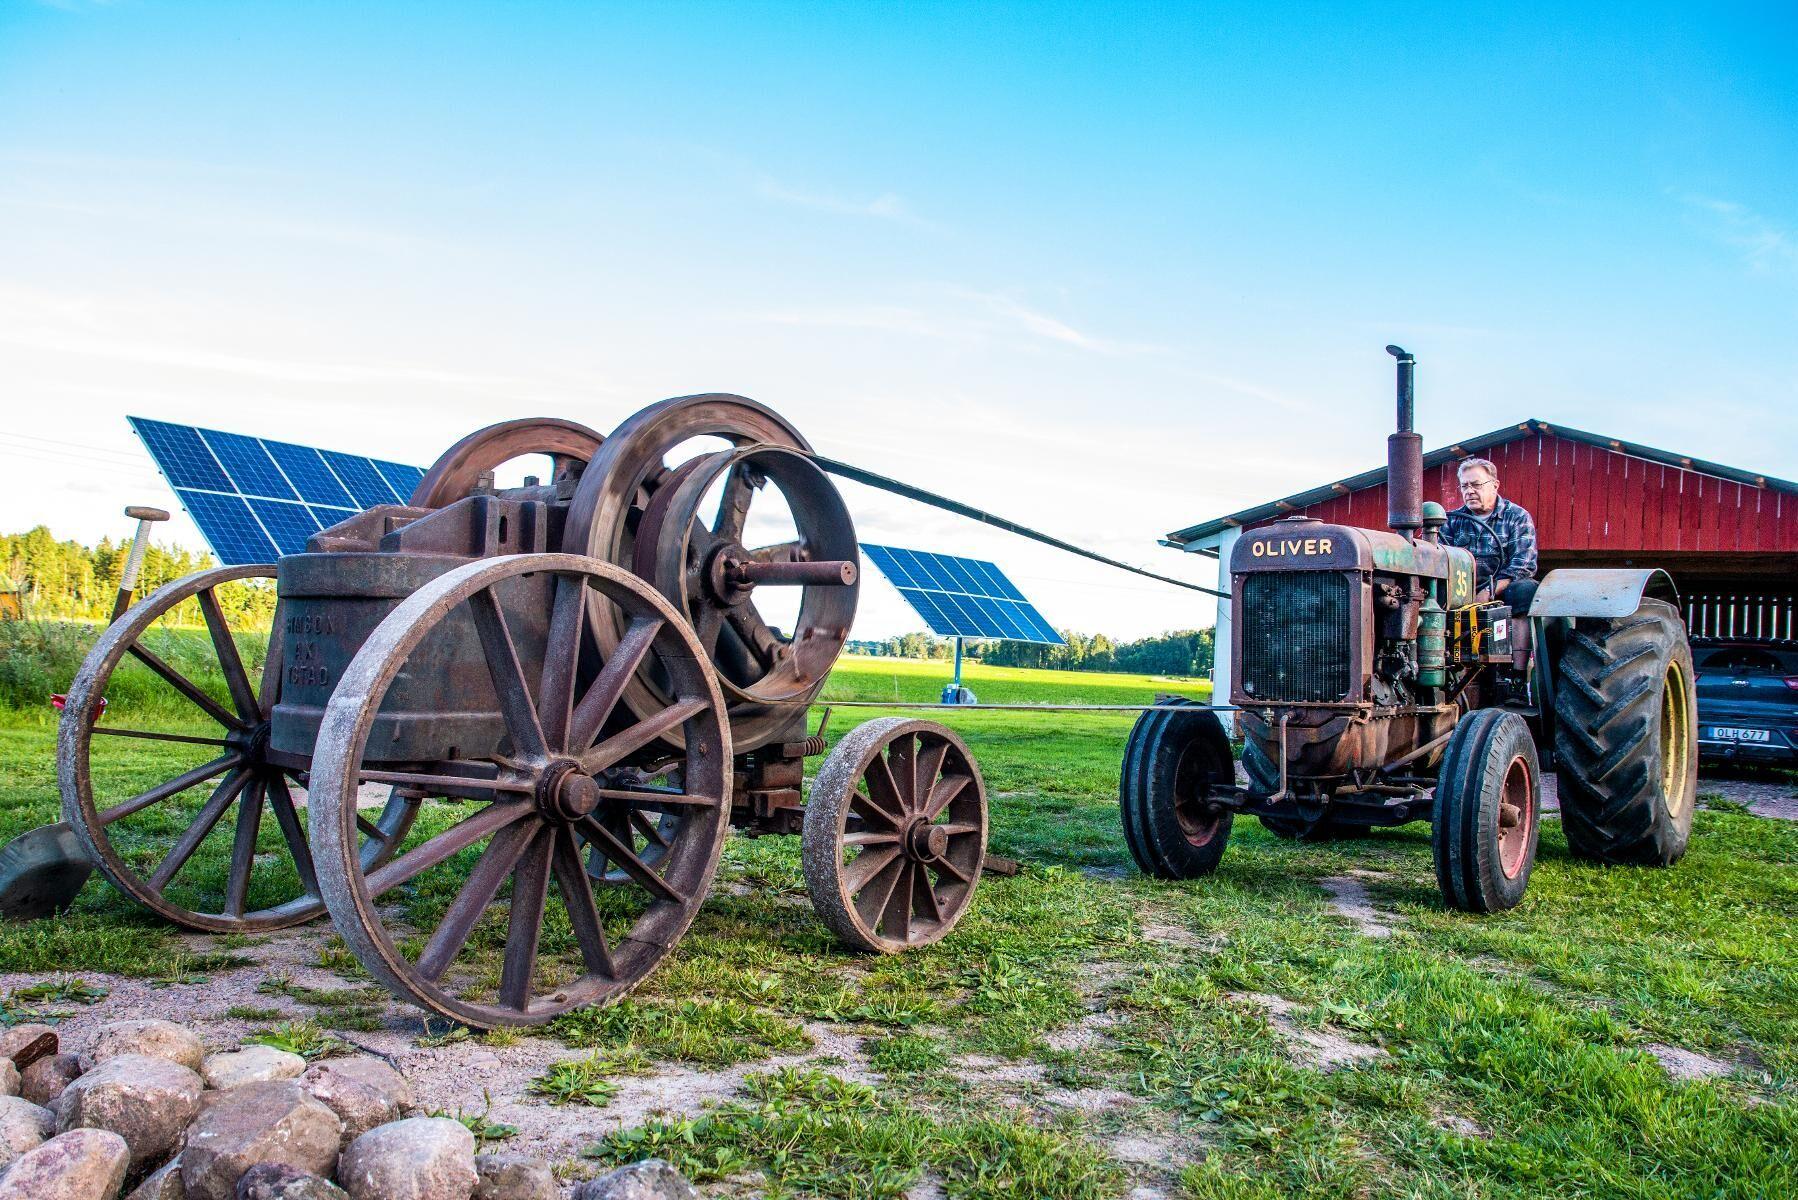 Simson Ax. En transportabel stenkross tillverkad av Ystads gjuteri & mekaniska verkstad. Krossen har funnits i bygden sedan den var ny. Det finns mycket dokumentation bevarad.